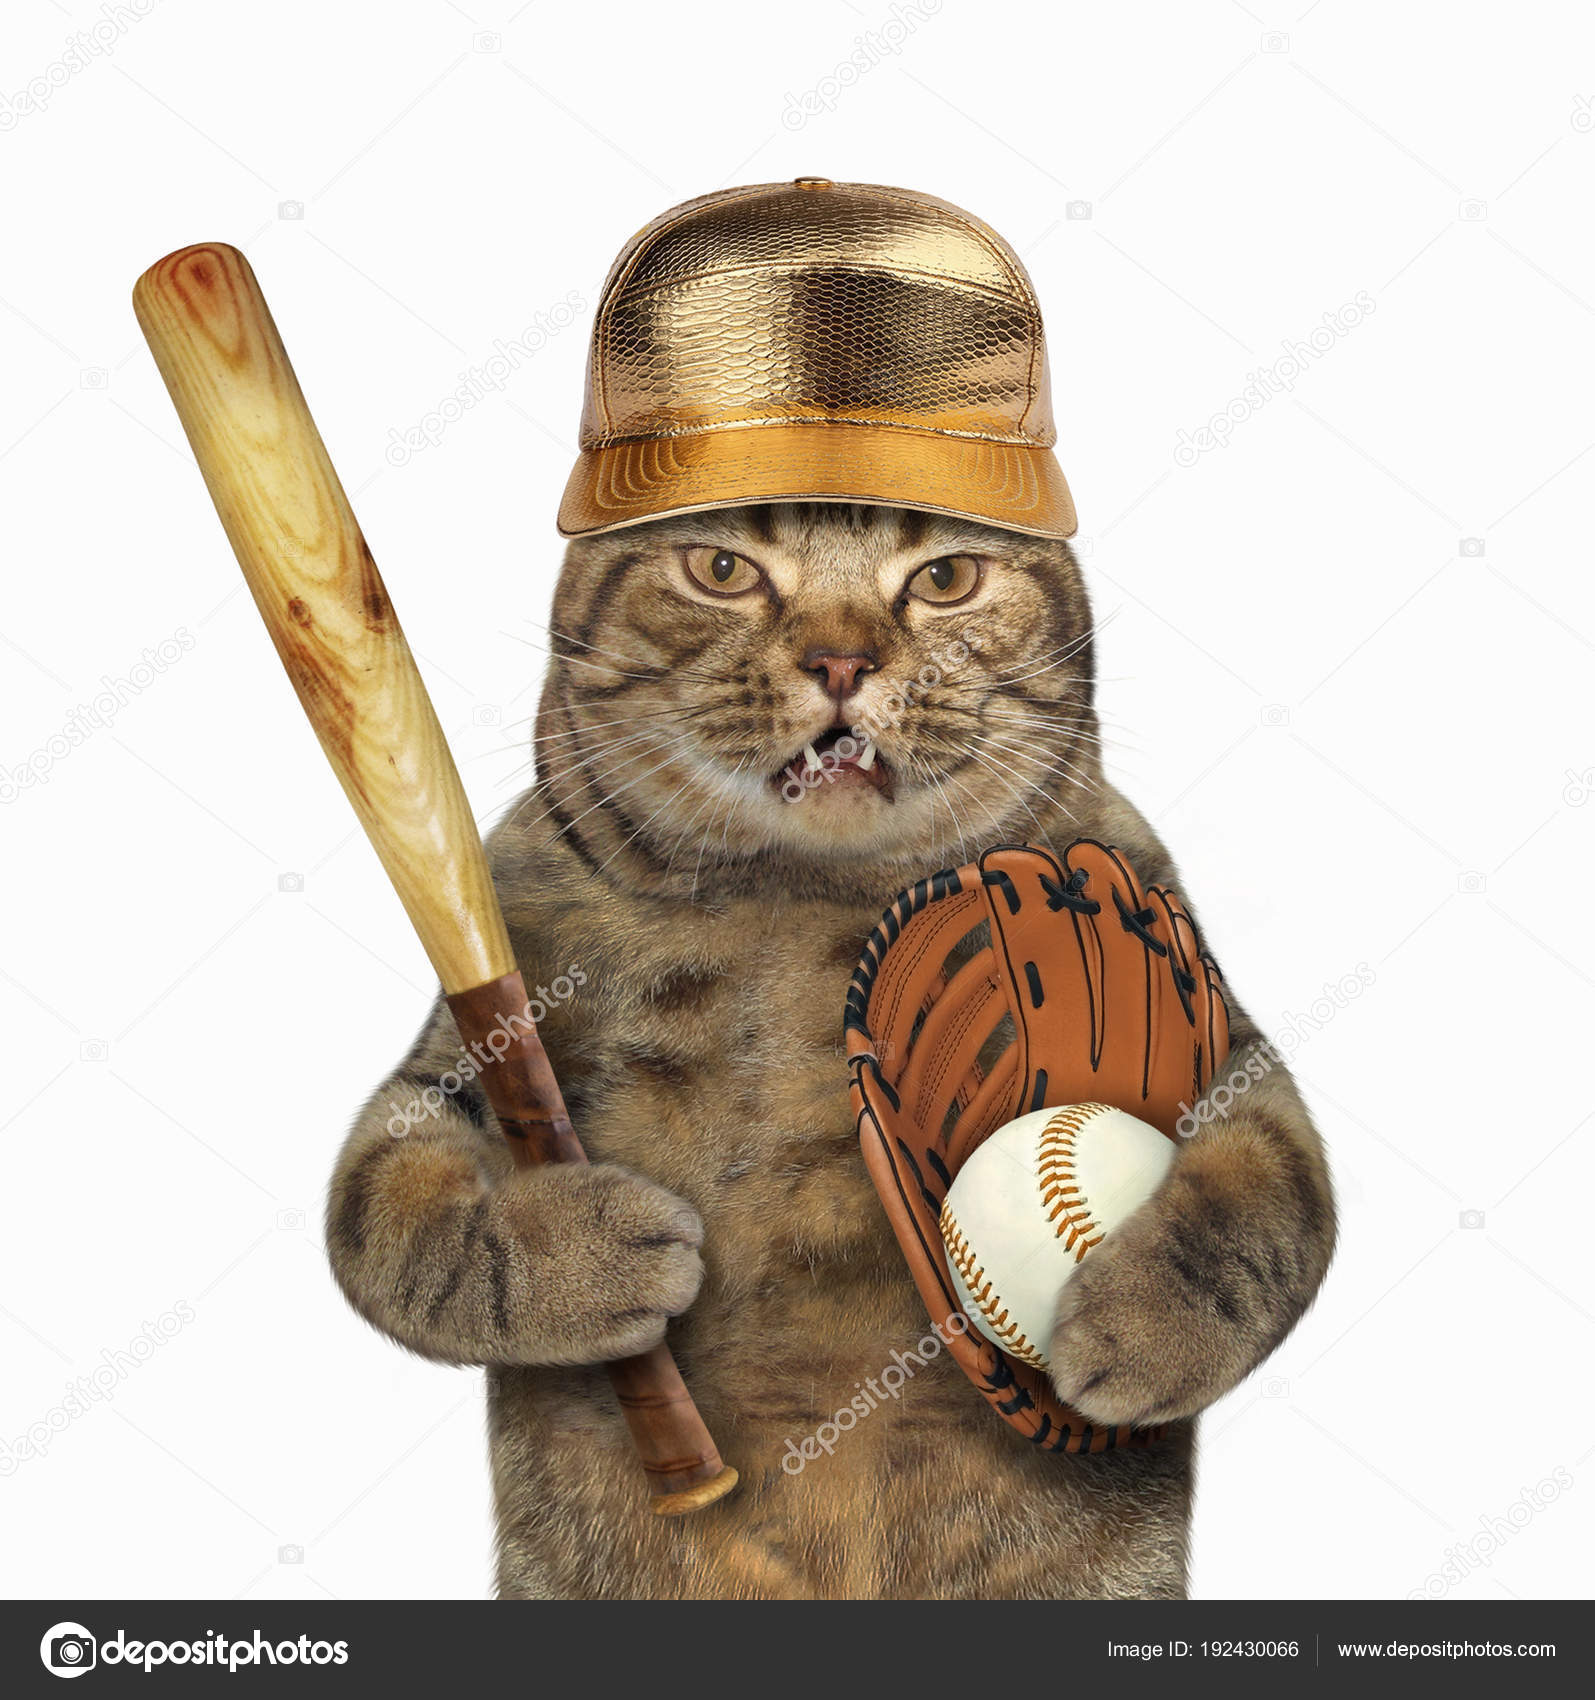 692a8f6e3 Gato com taco de beisebol — Fotografias de Stock © Iridi  192430066